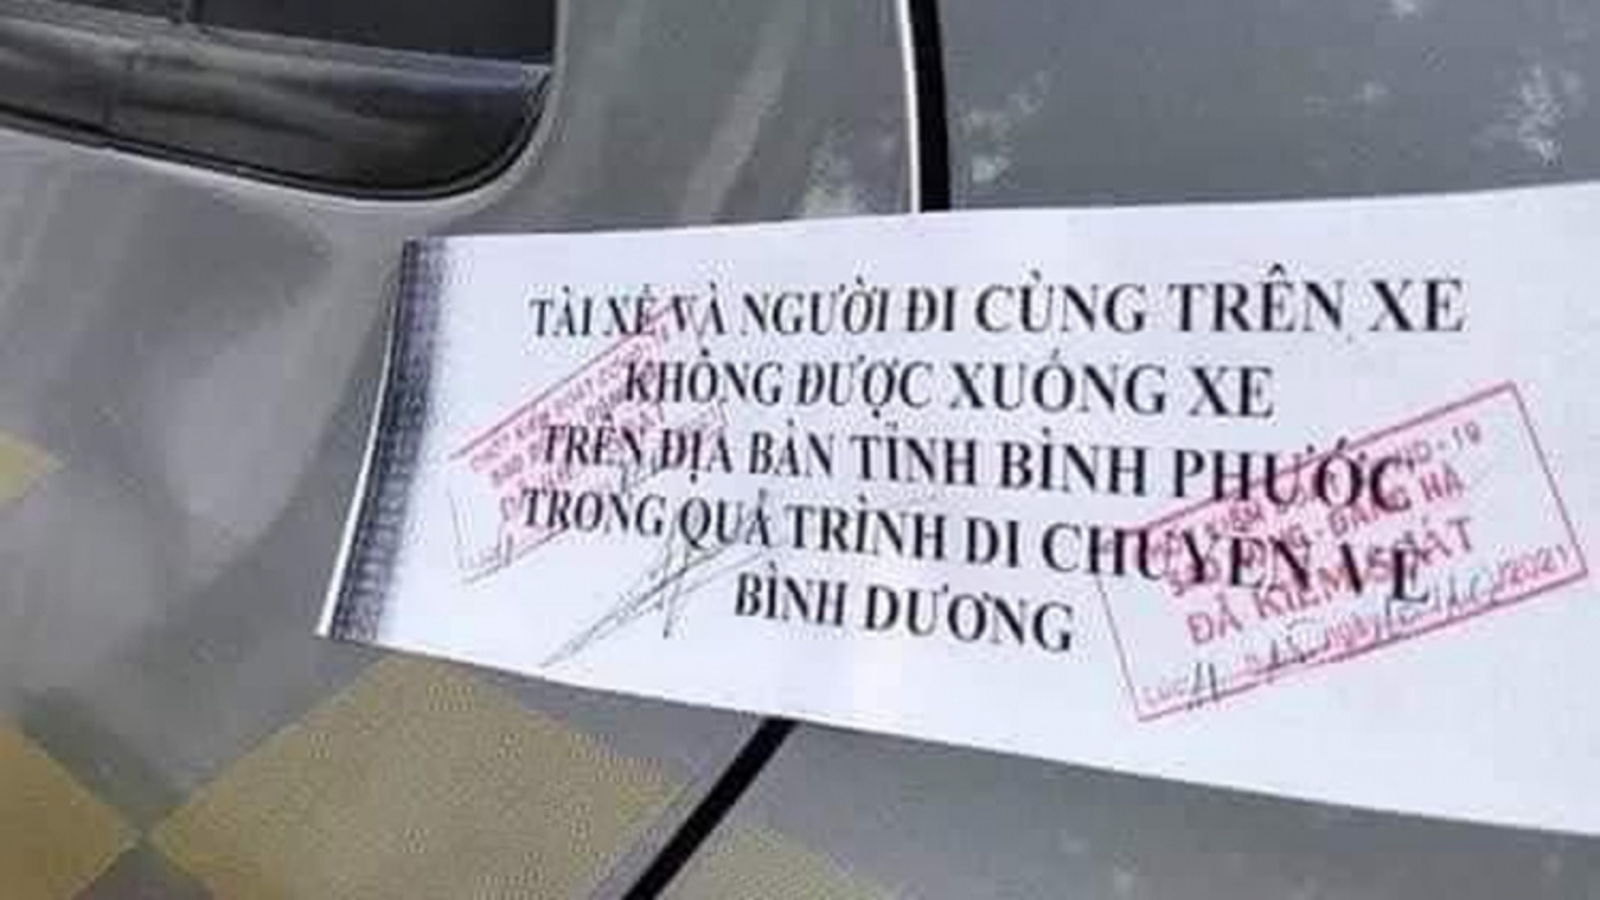 Bình Phước chấn chỉnh, không để xảy ra việc dán niêm phong ở cửa xe ô tô